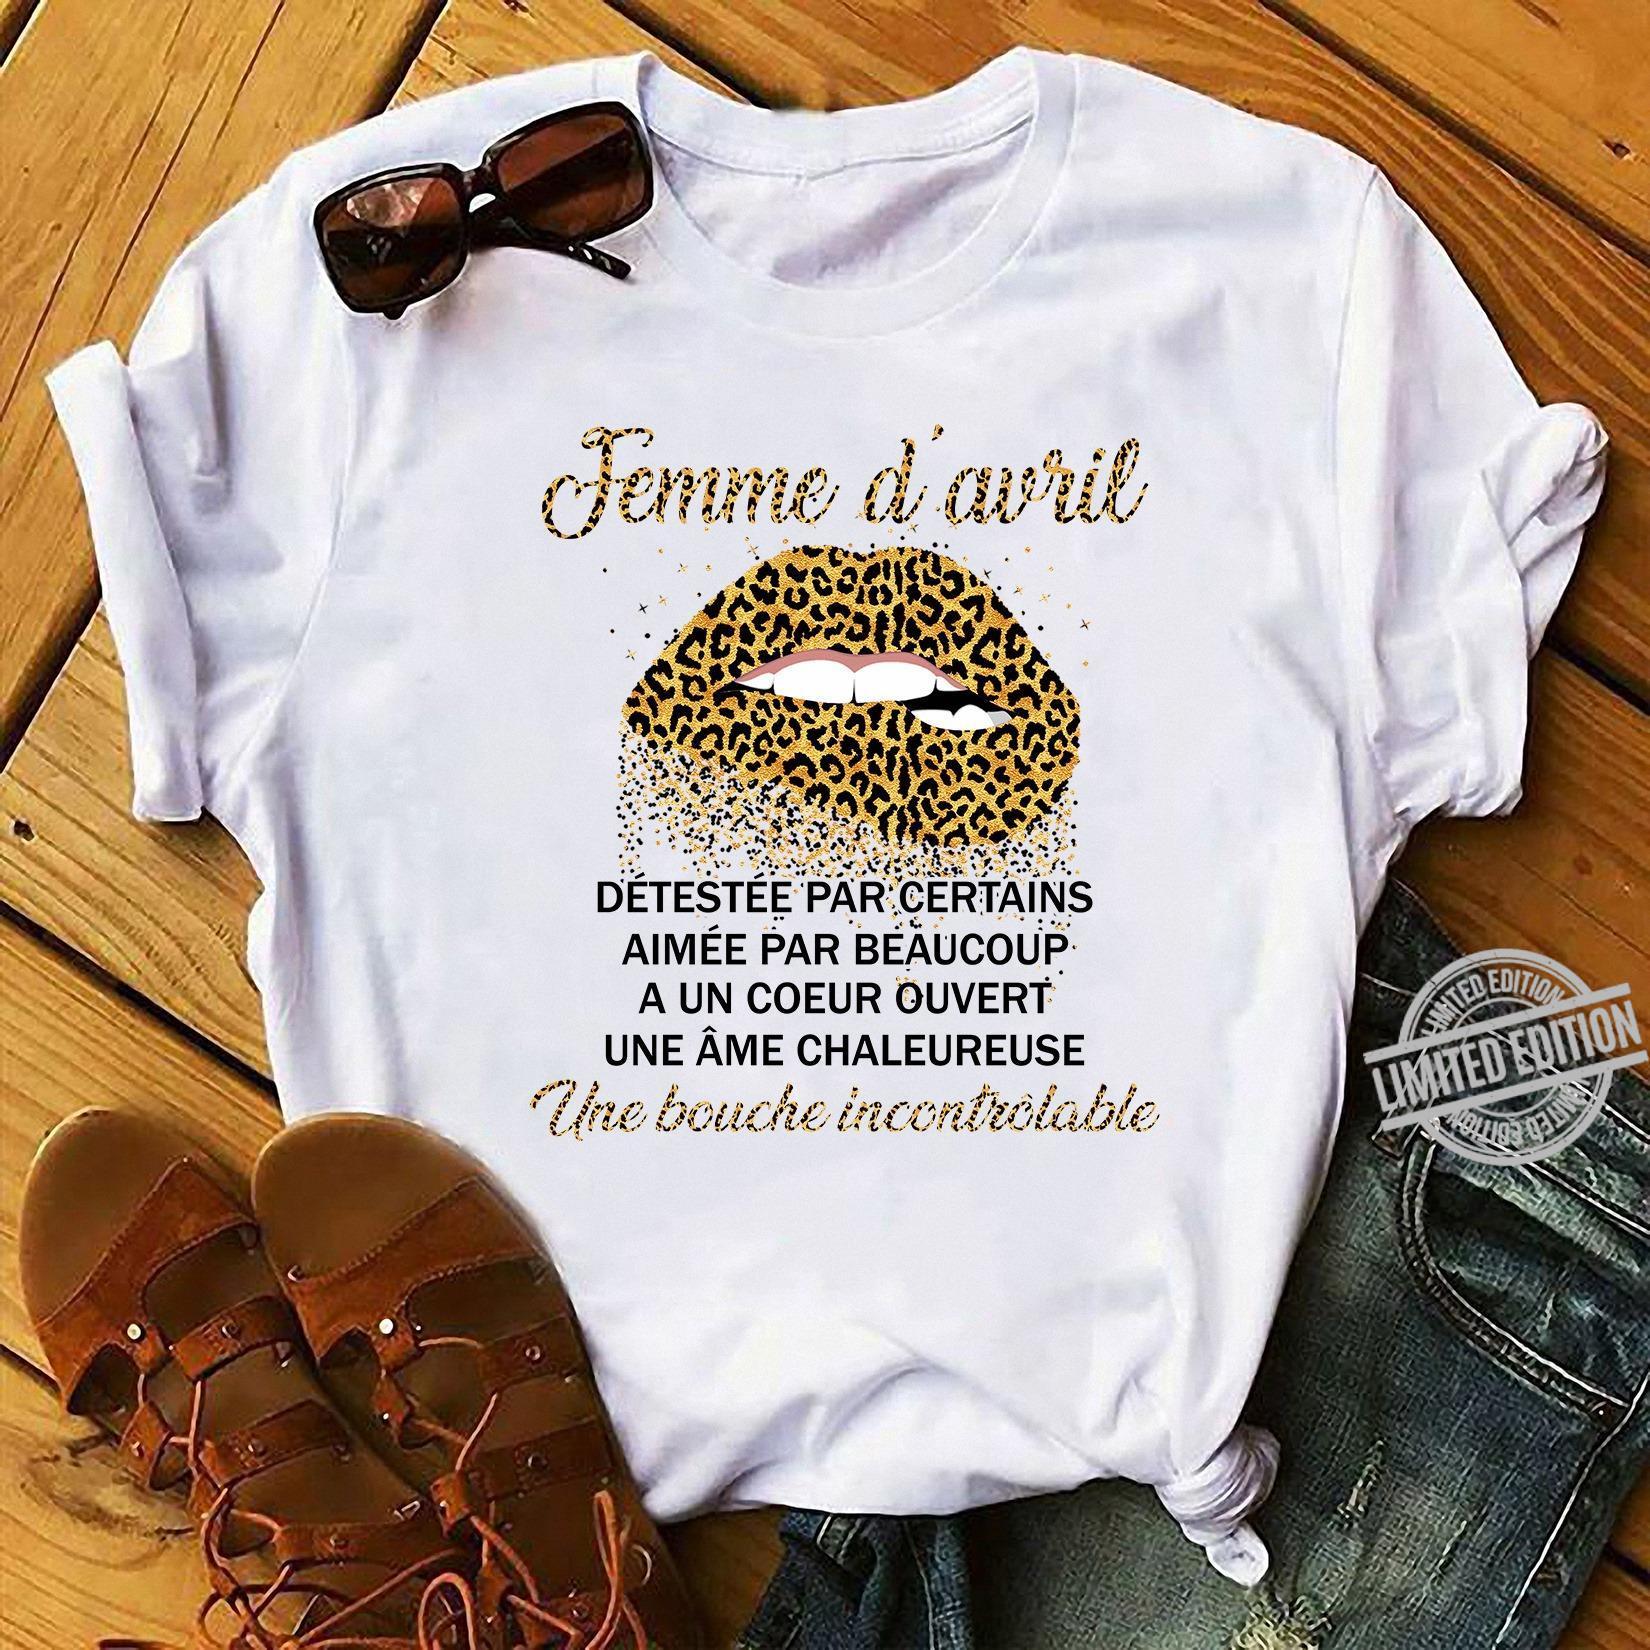 Femme D'avril Detestee Par Certains Aimee Par Beaucoup A Un Coeur Ouvert Une Ame Chaleureuse Une Bouche Incontrolable Shirt